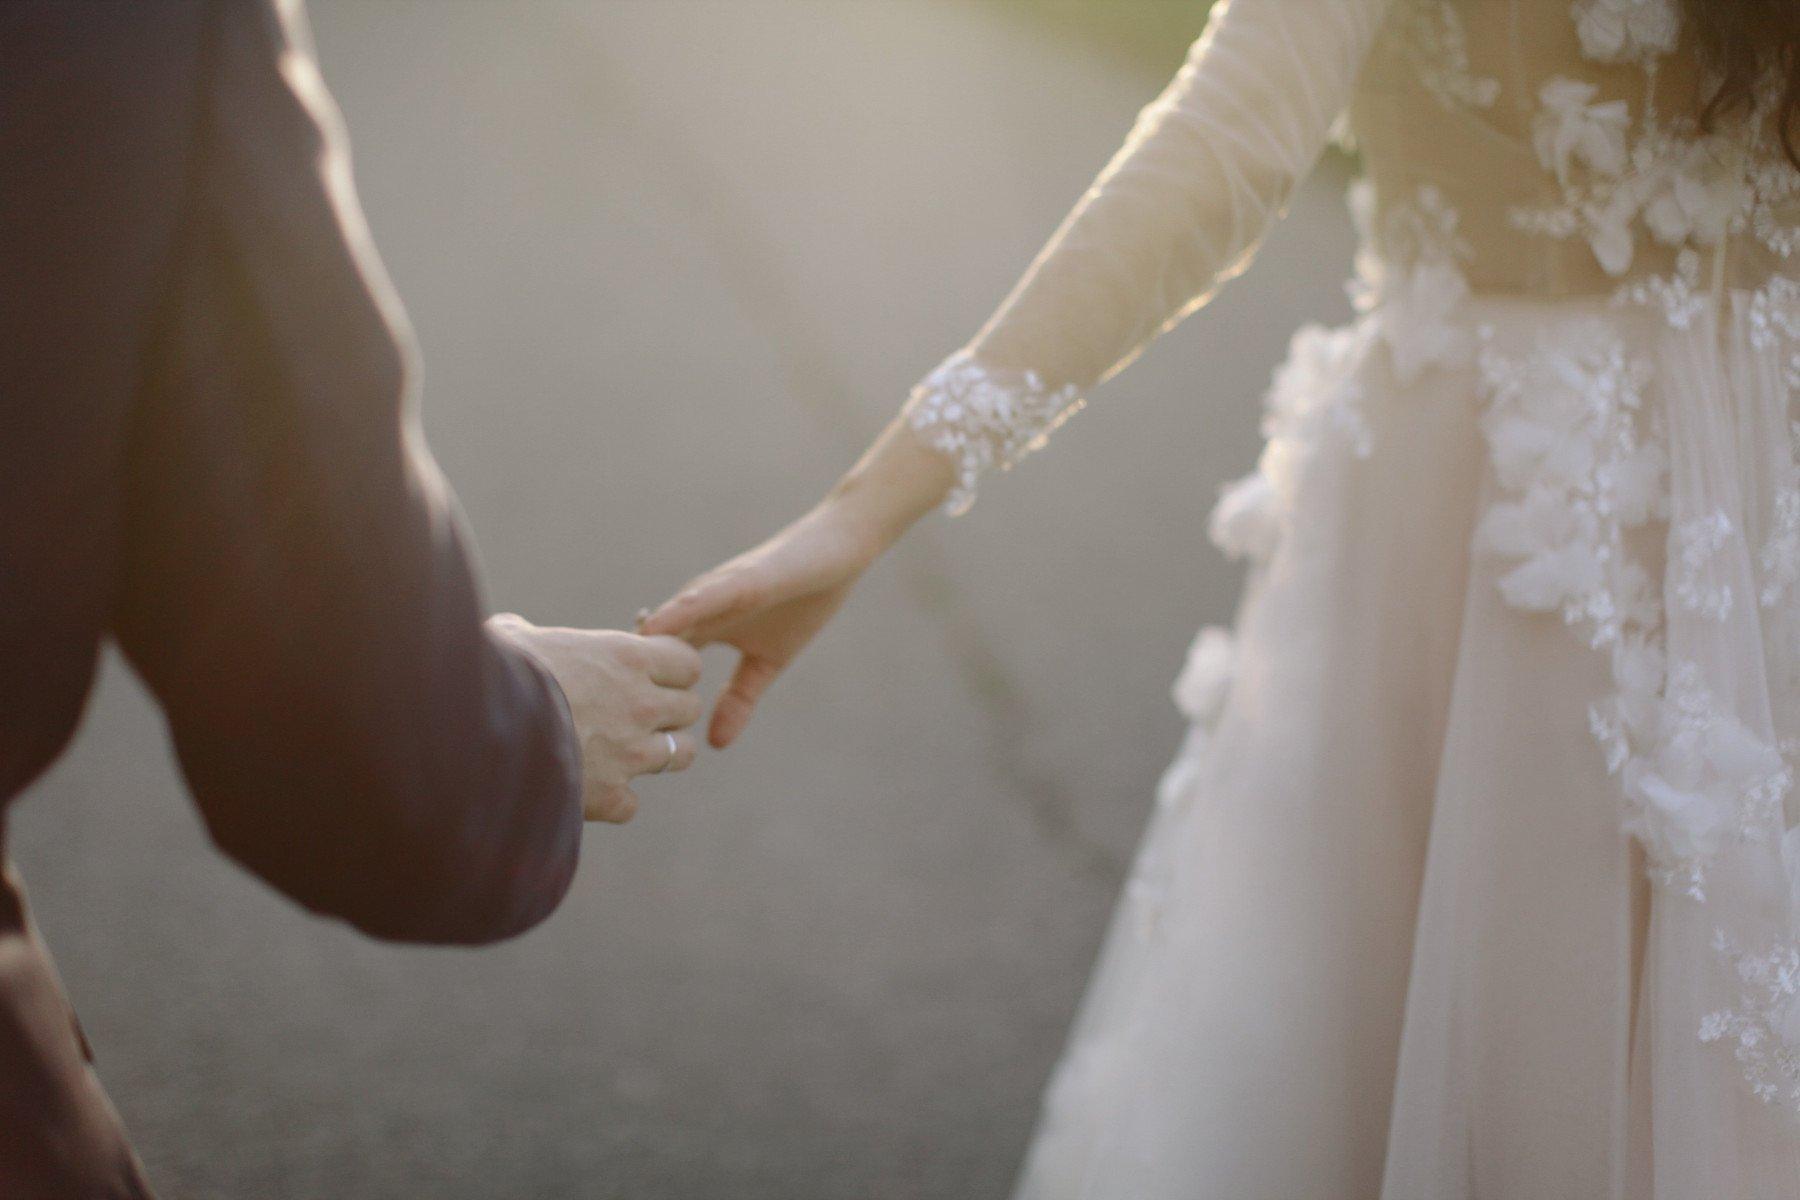 Bröllopspar håller varandra i handen utomhus